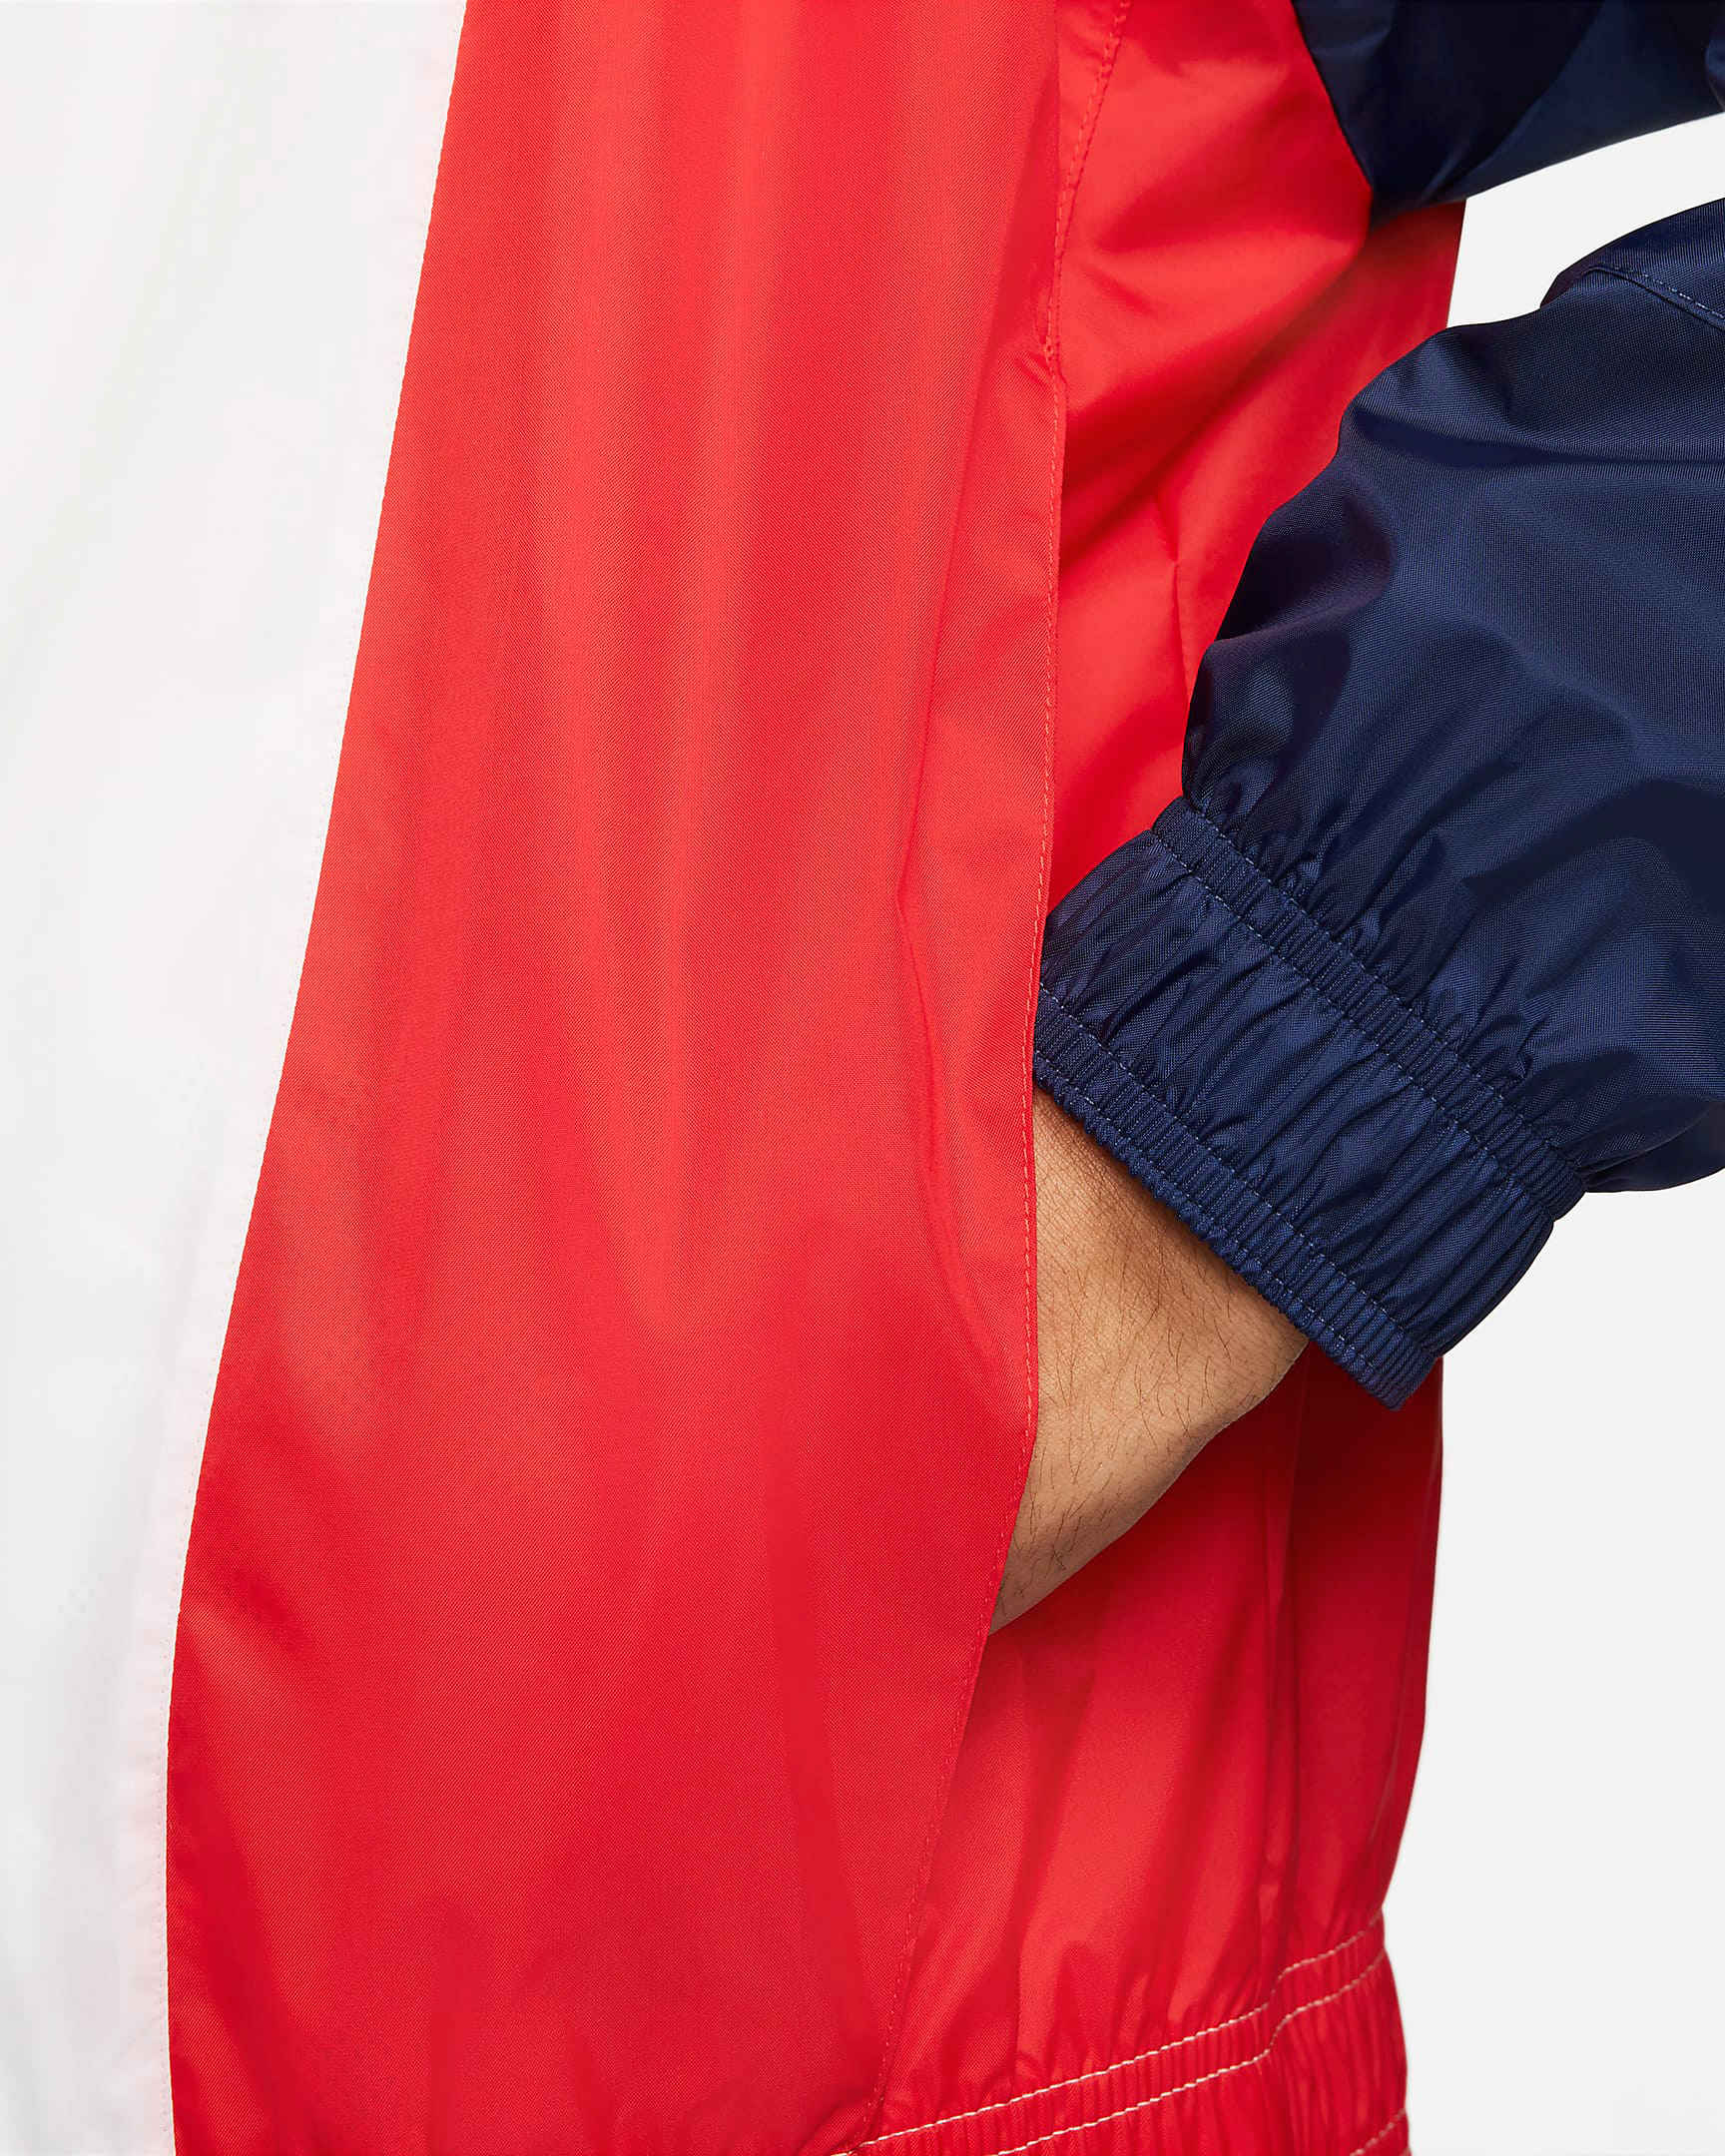 air-jordan-7-psg-jacket-4